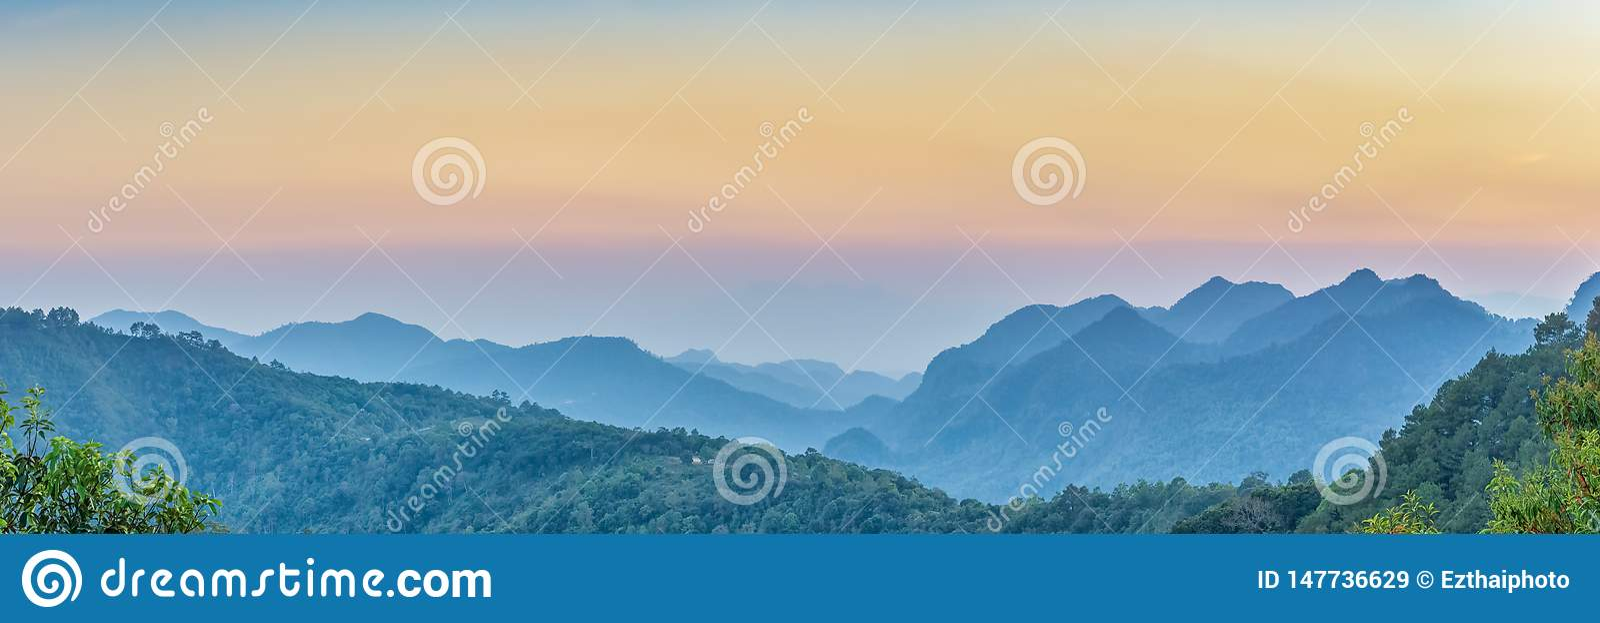 Bannière de Web de nature Vue de panorama de coucher du soleil de Mountain View des beaucoup colline et couverture verte de forêt